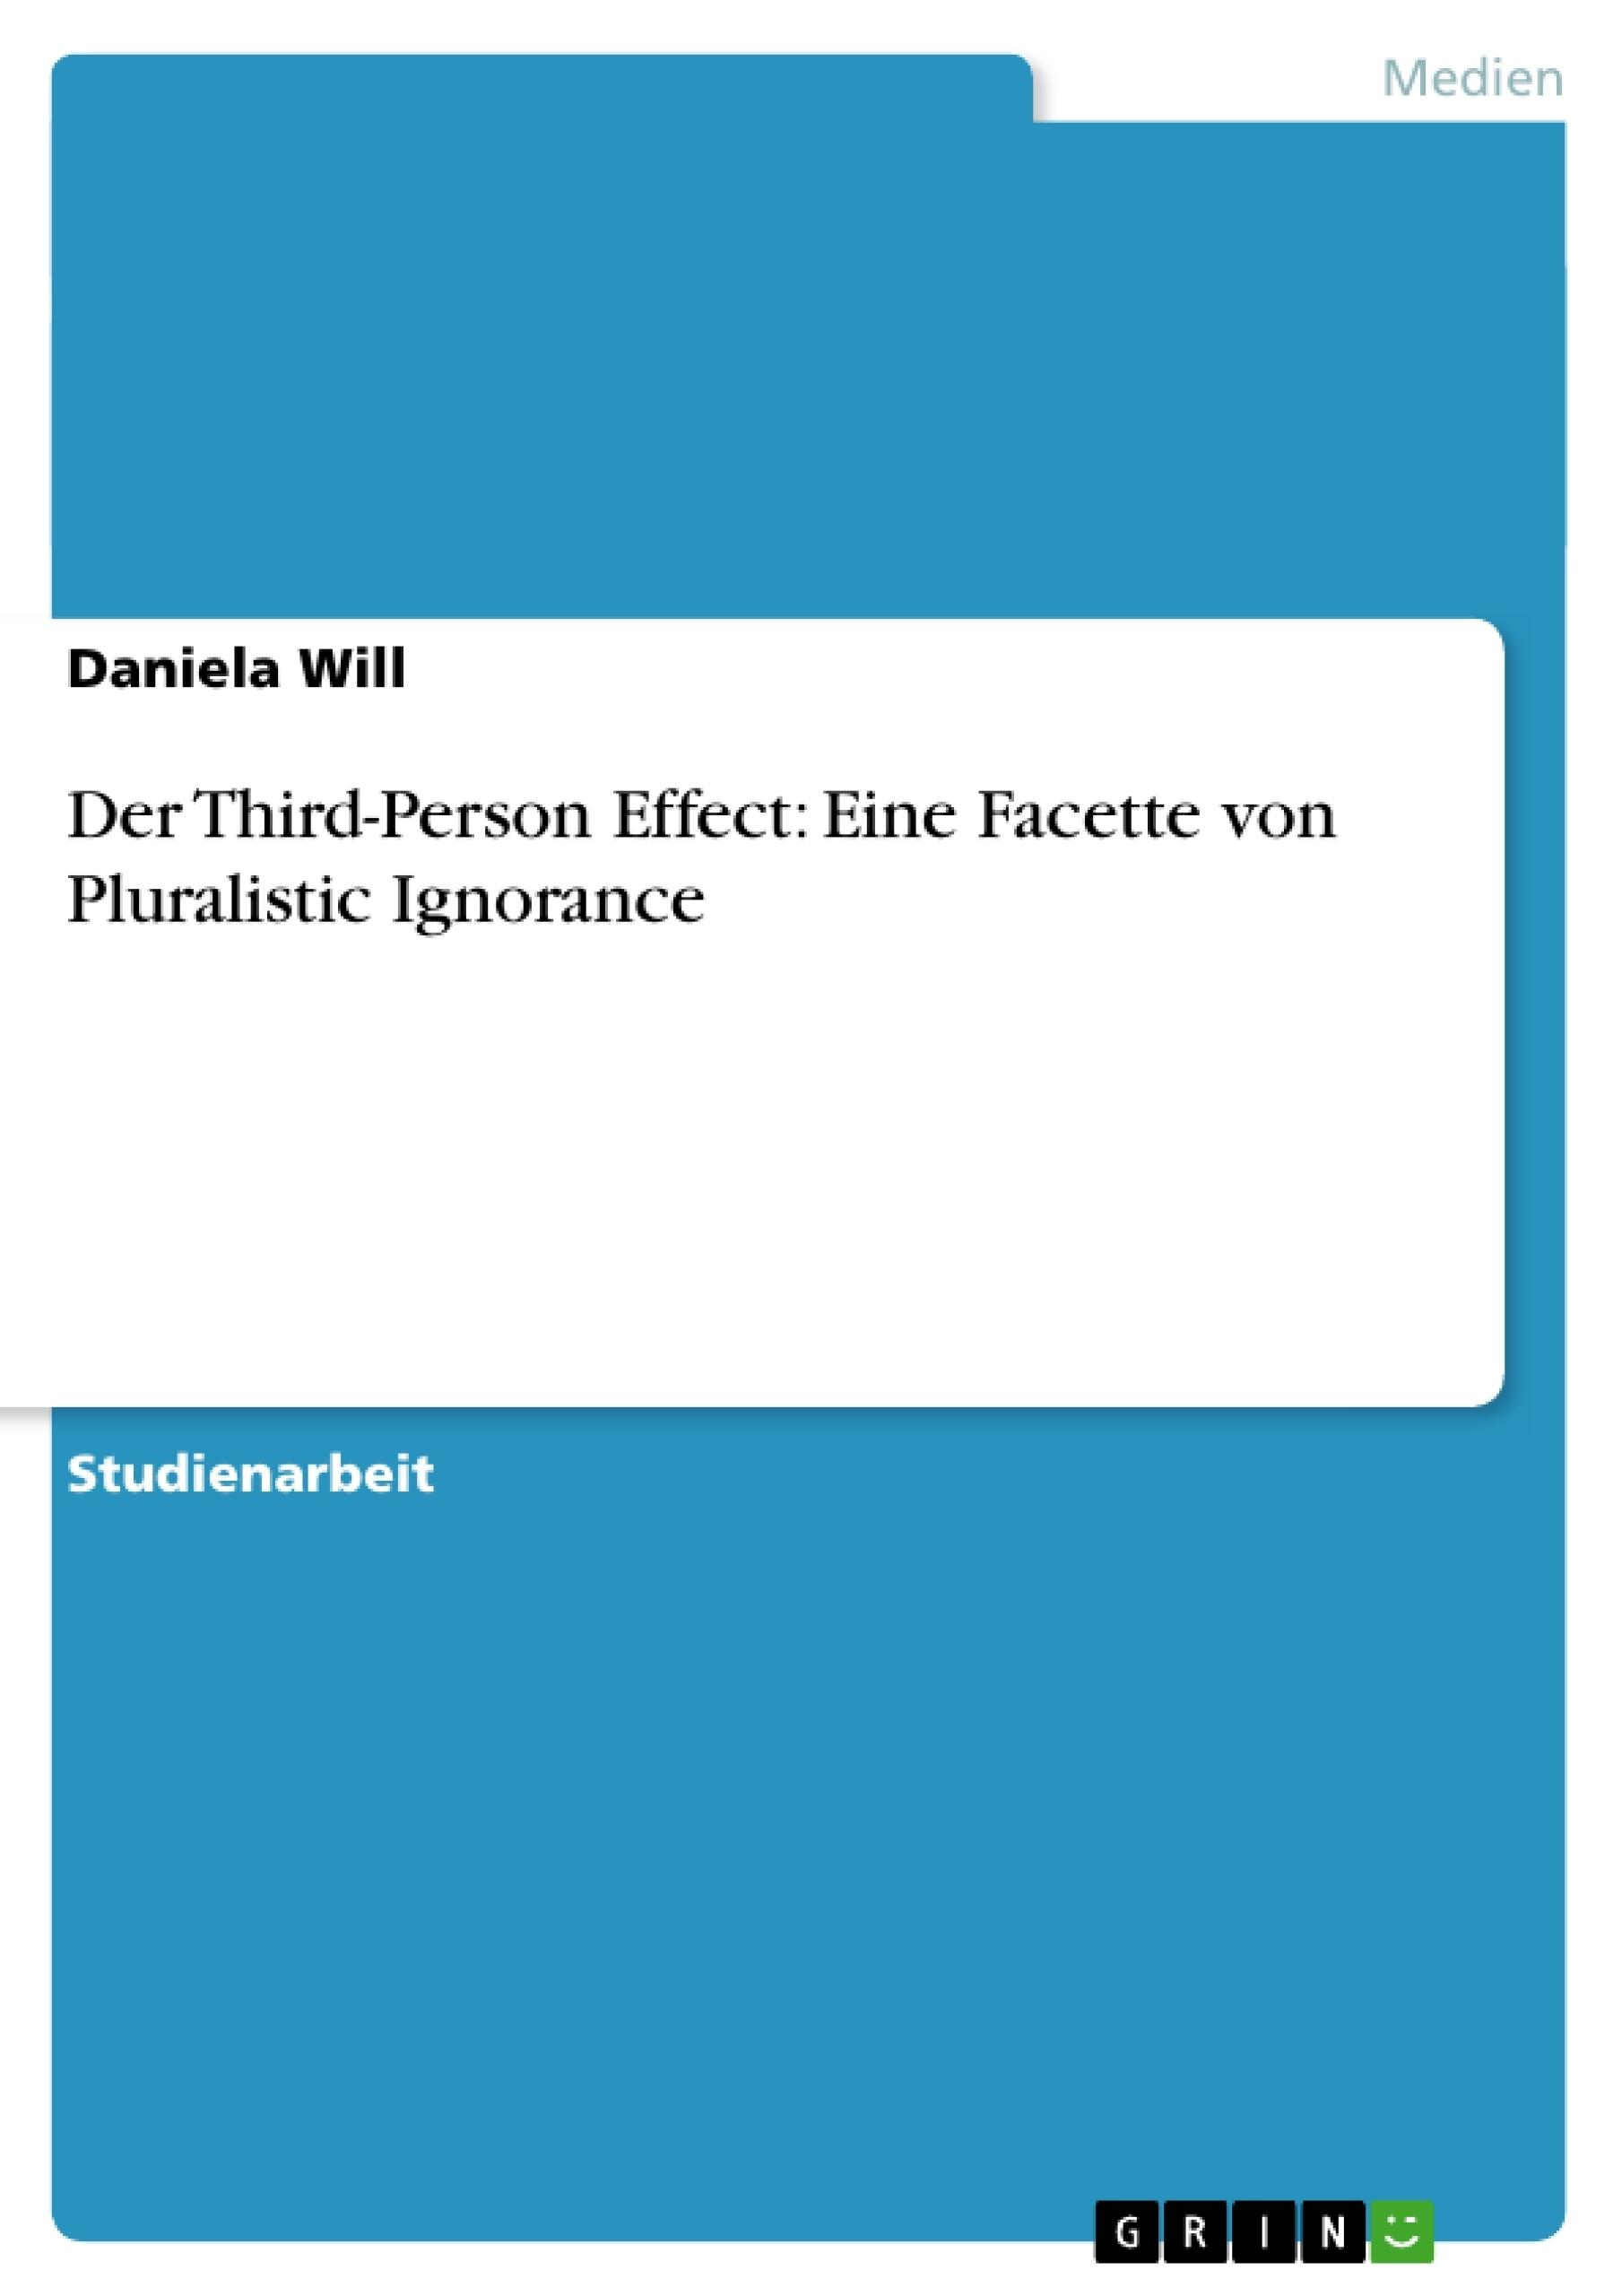 Titel: Der Third-Person Effect: Eine Facette von Pluralistic Ignorance